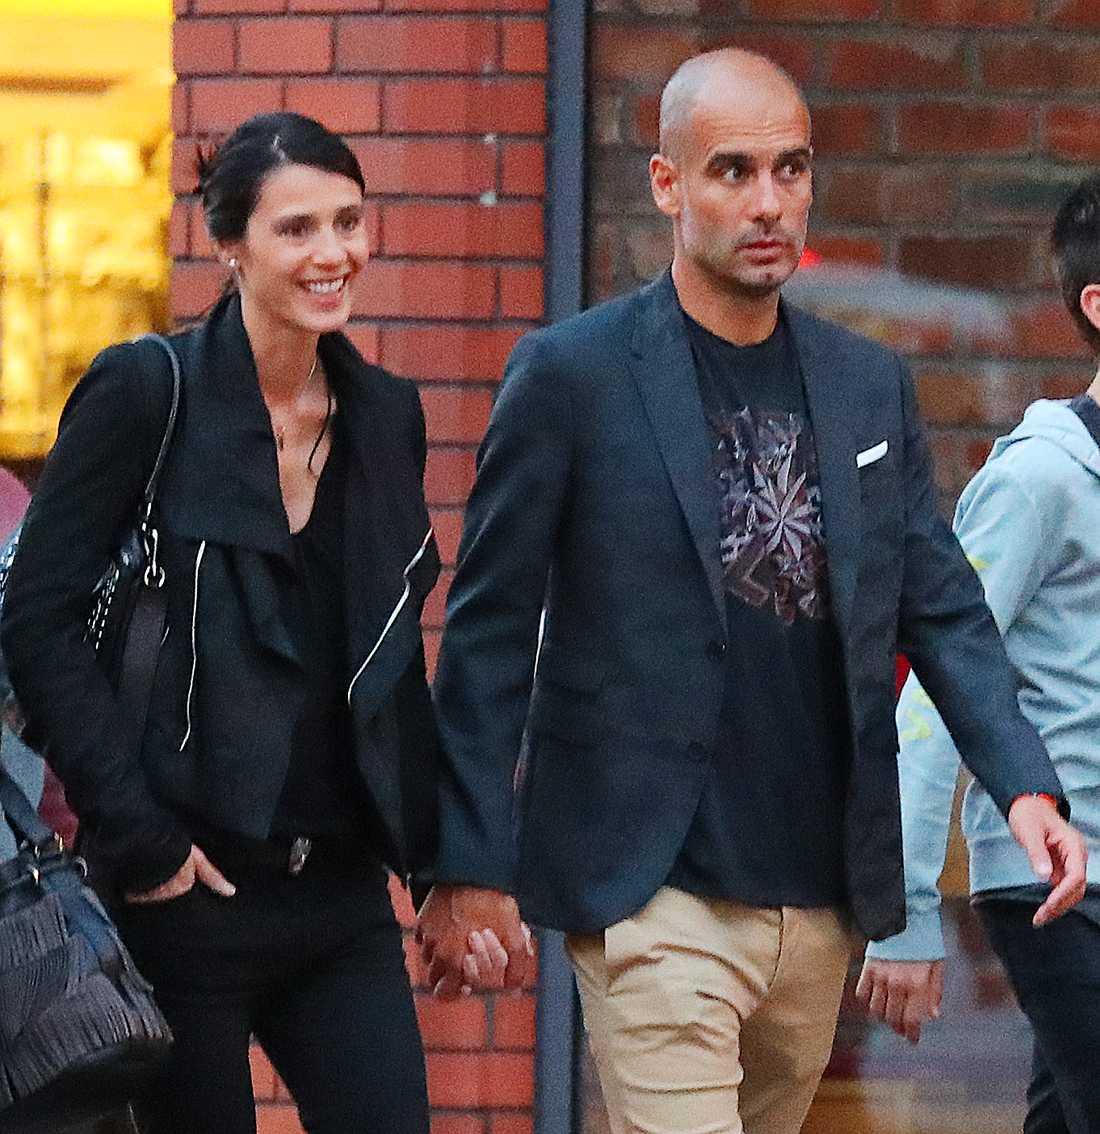 Cristina Serra och Pep Guardiola syns på gatorna i Manchester.